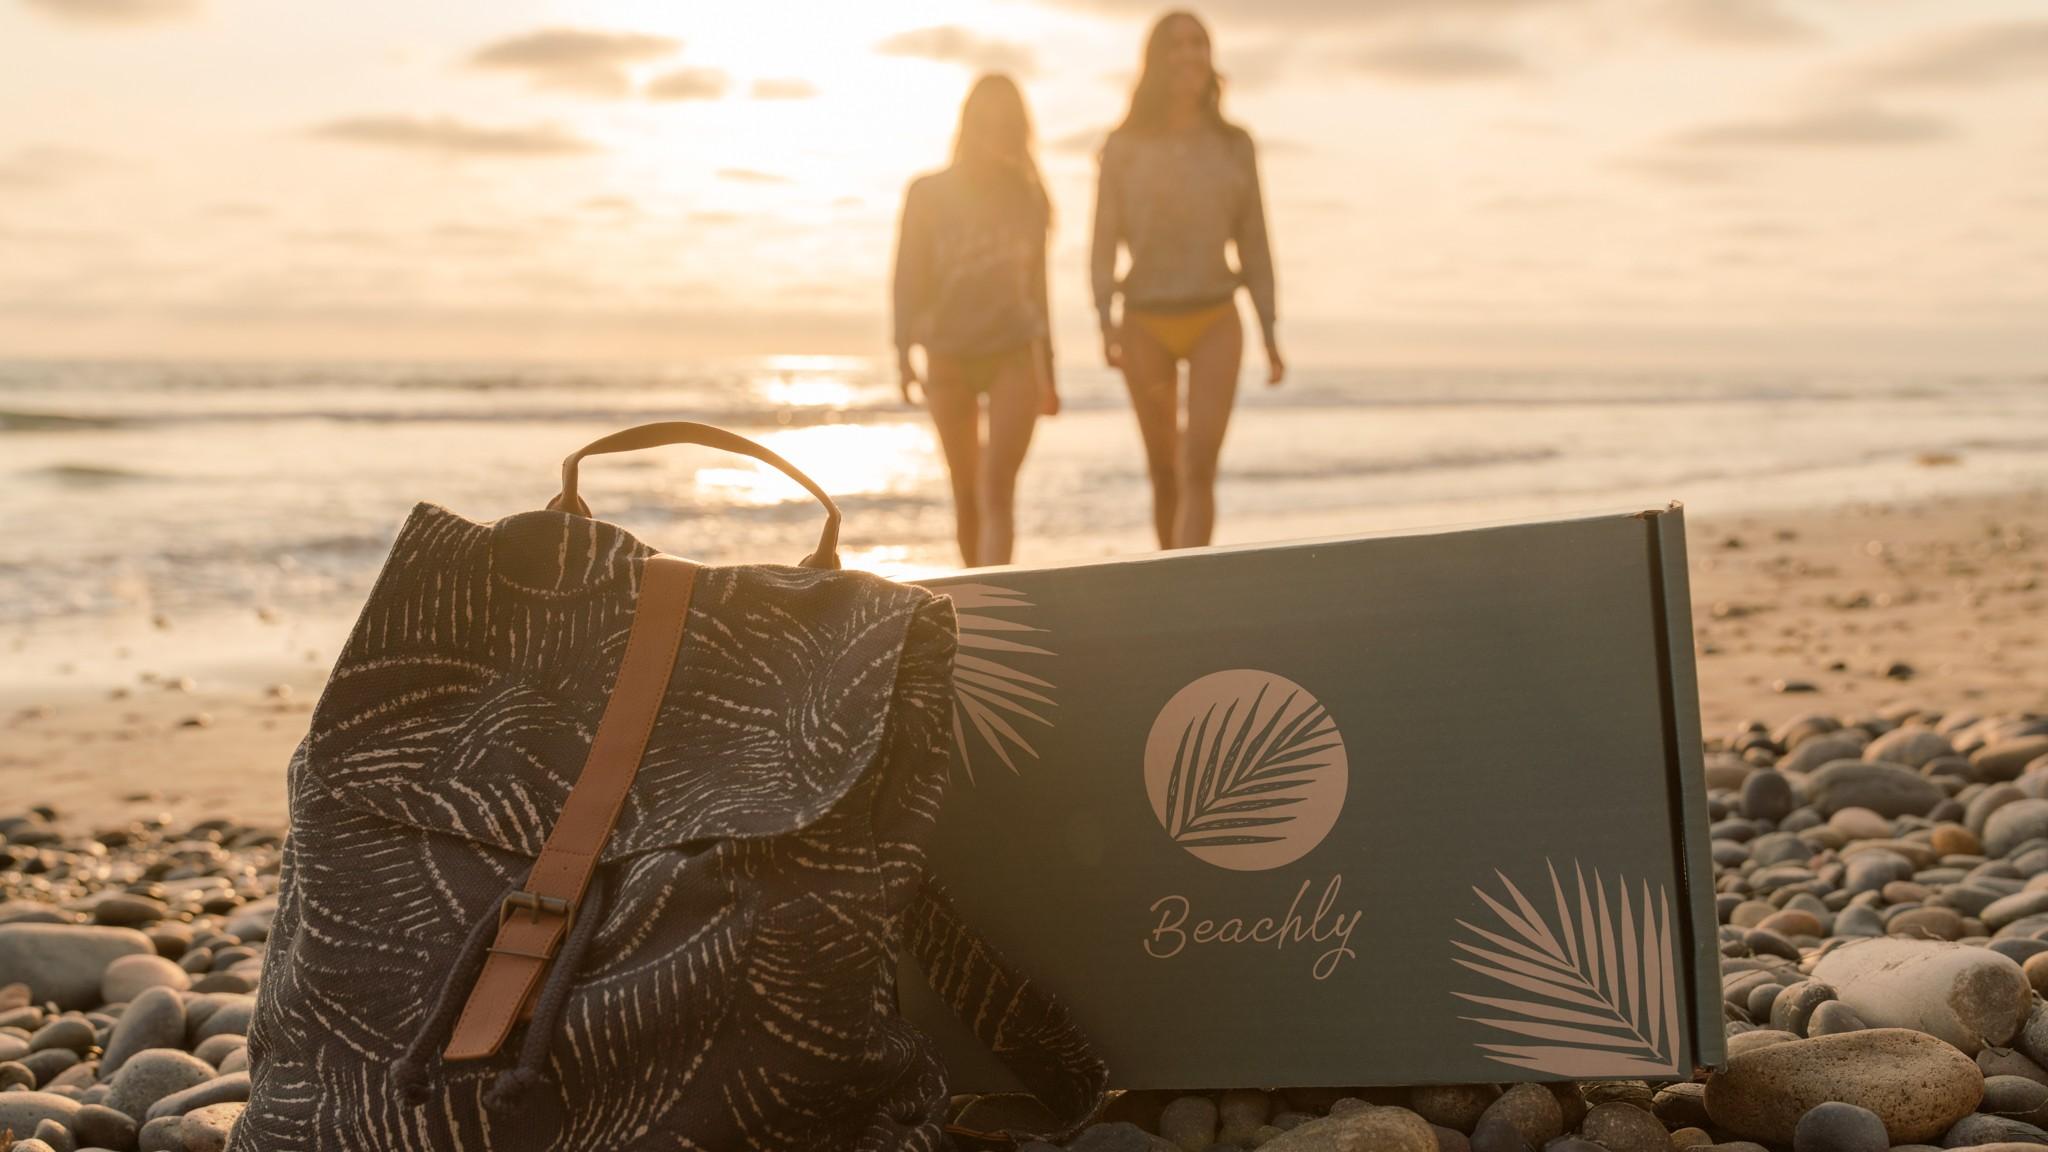 UNUM Case Study: Building the Beachly Brand